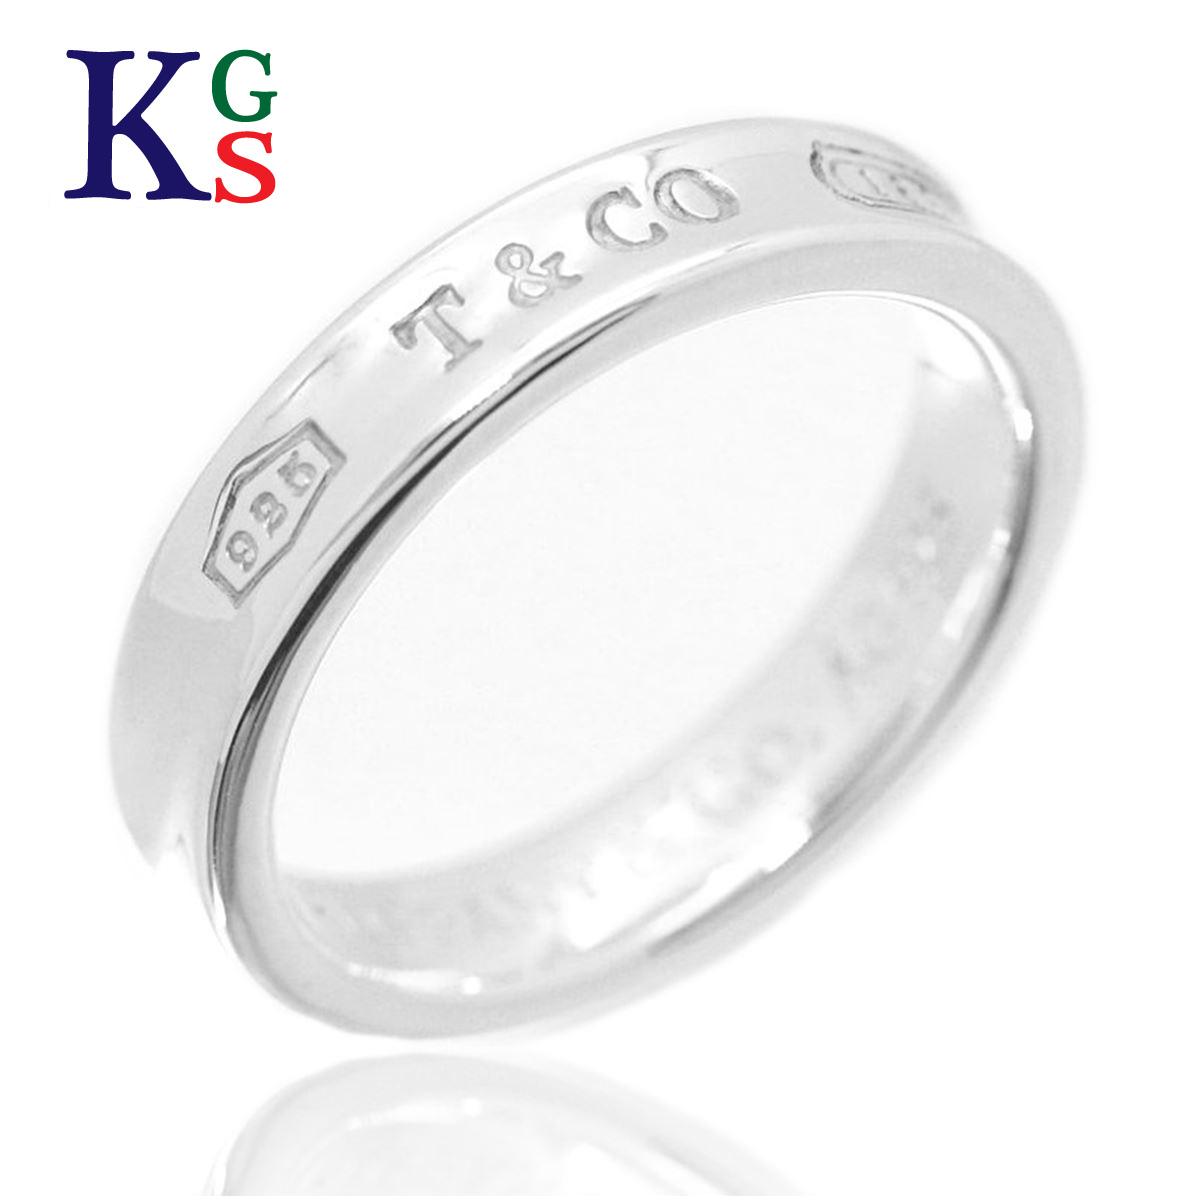 【新古品】ティファニー/Tiffany&co レディース ジュエリー 1837 ナローリング/指輪 Ag925 シルバー